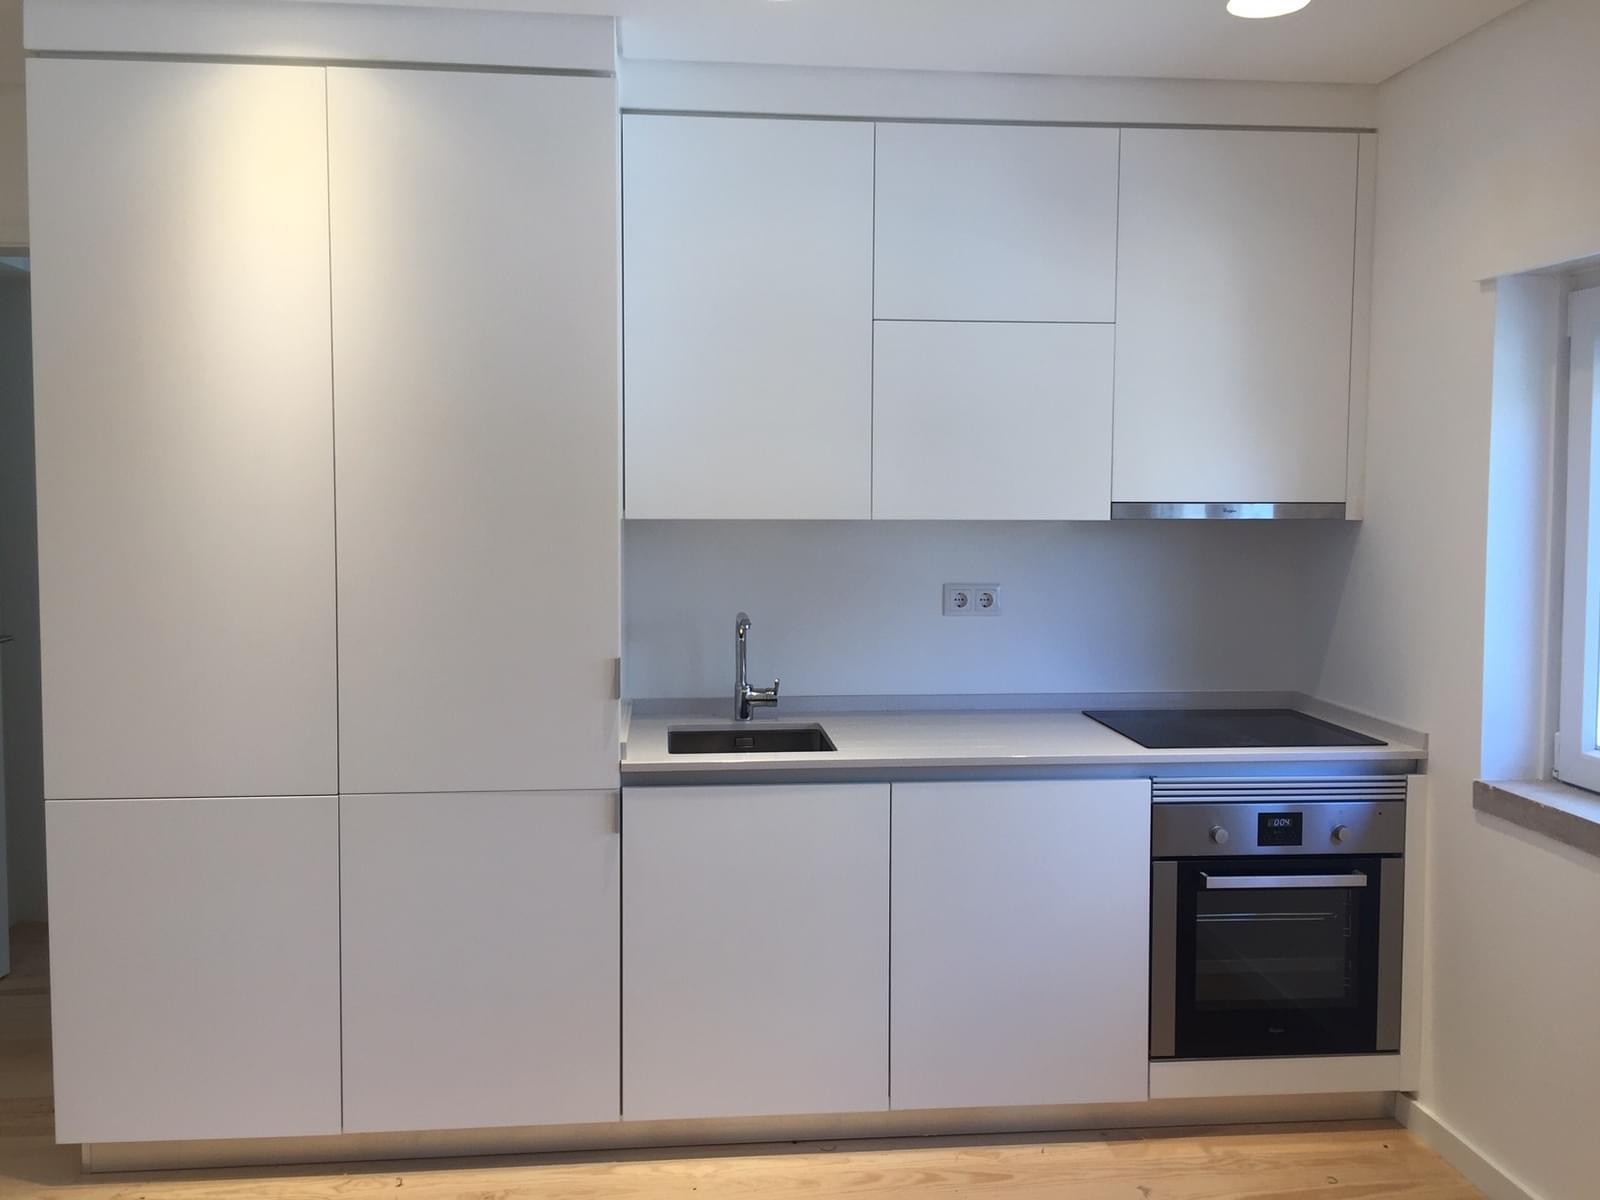 pf18802-apartamento-t1-lisboa-bfe8cb37-8c93-4242-95a9-96b26c1c28c1